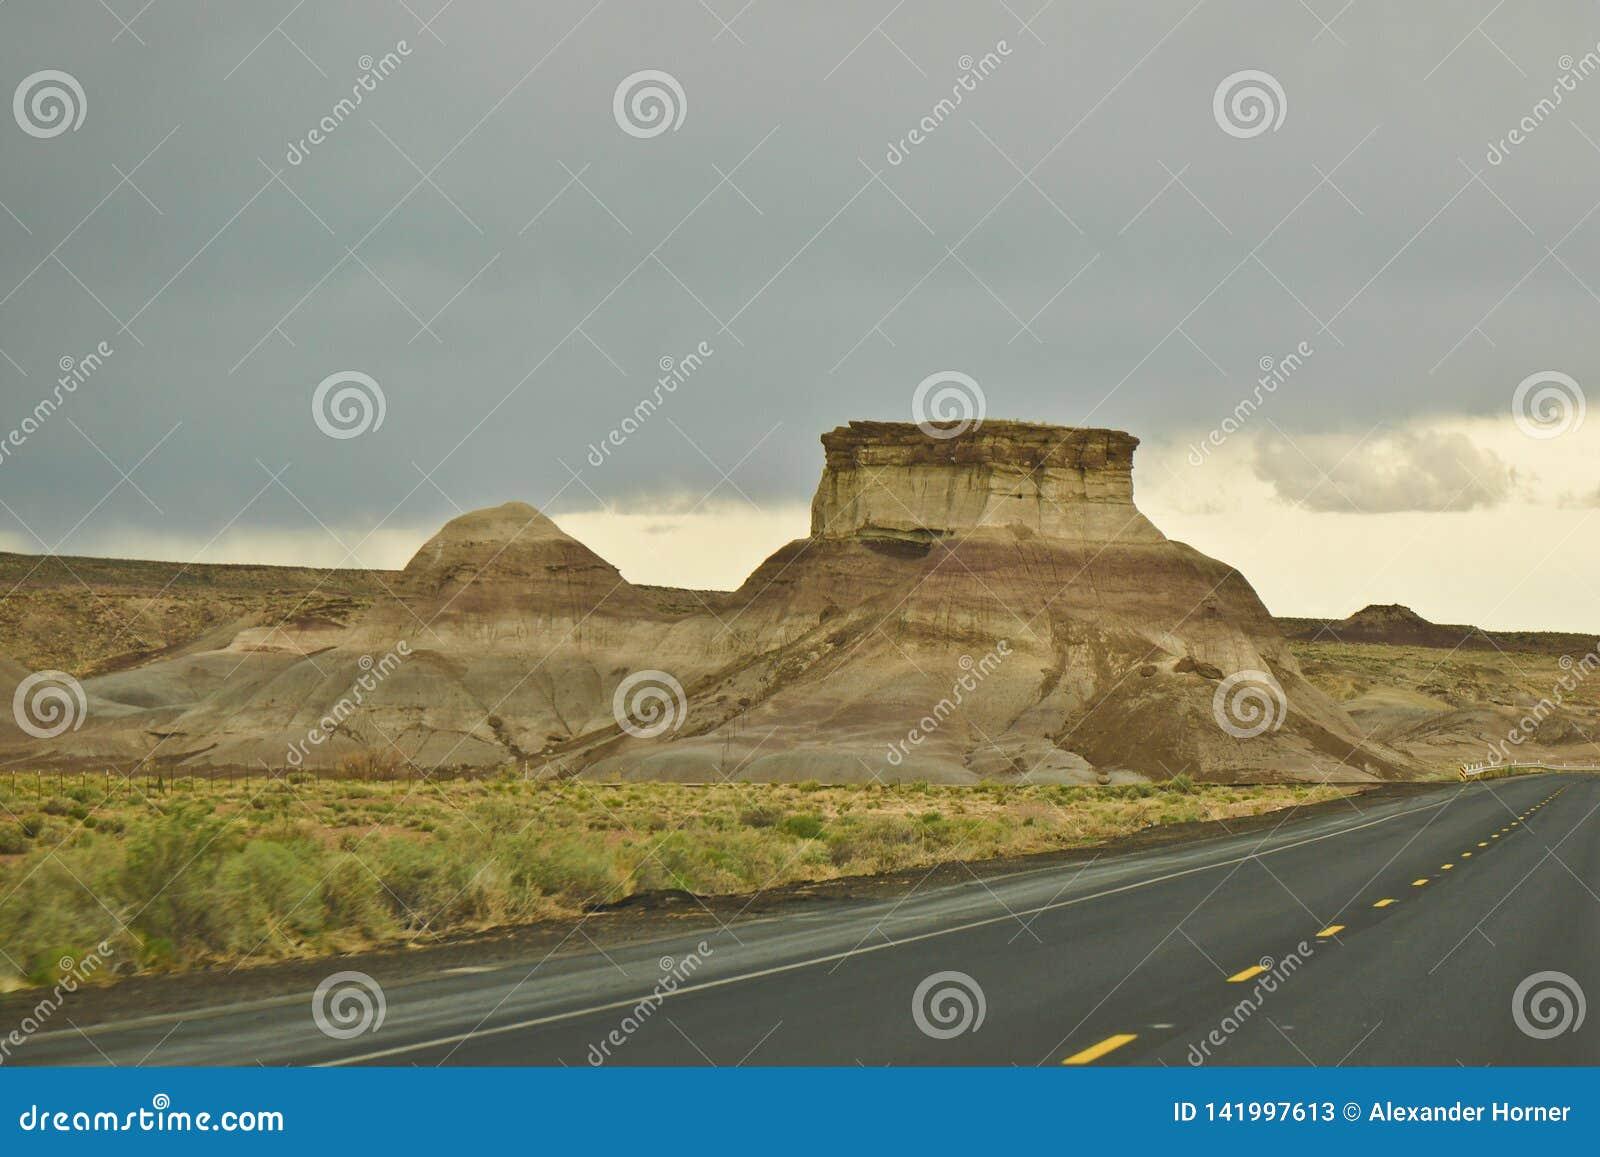 Plateau interessante sul lato della strada in Arizona